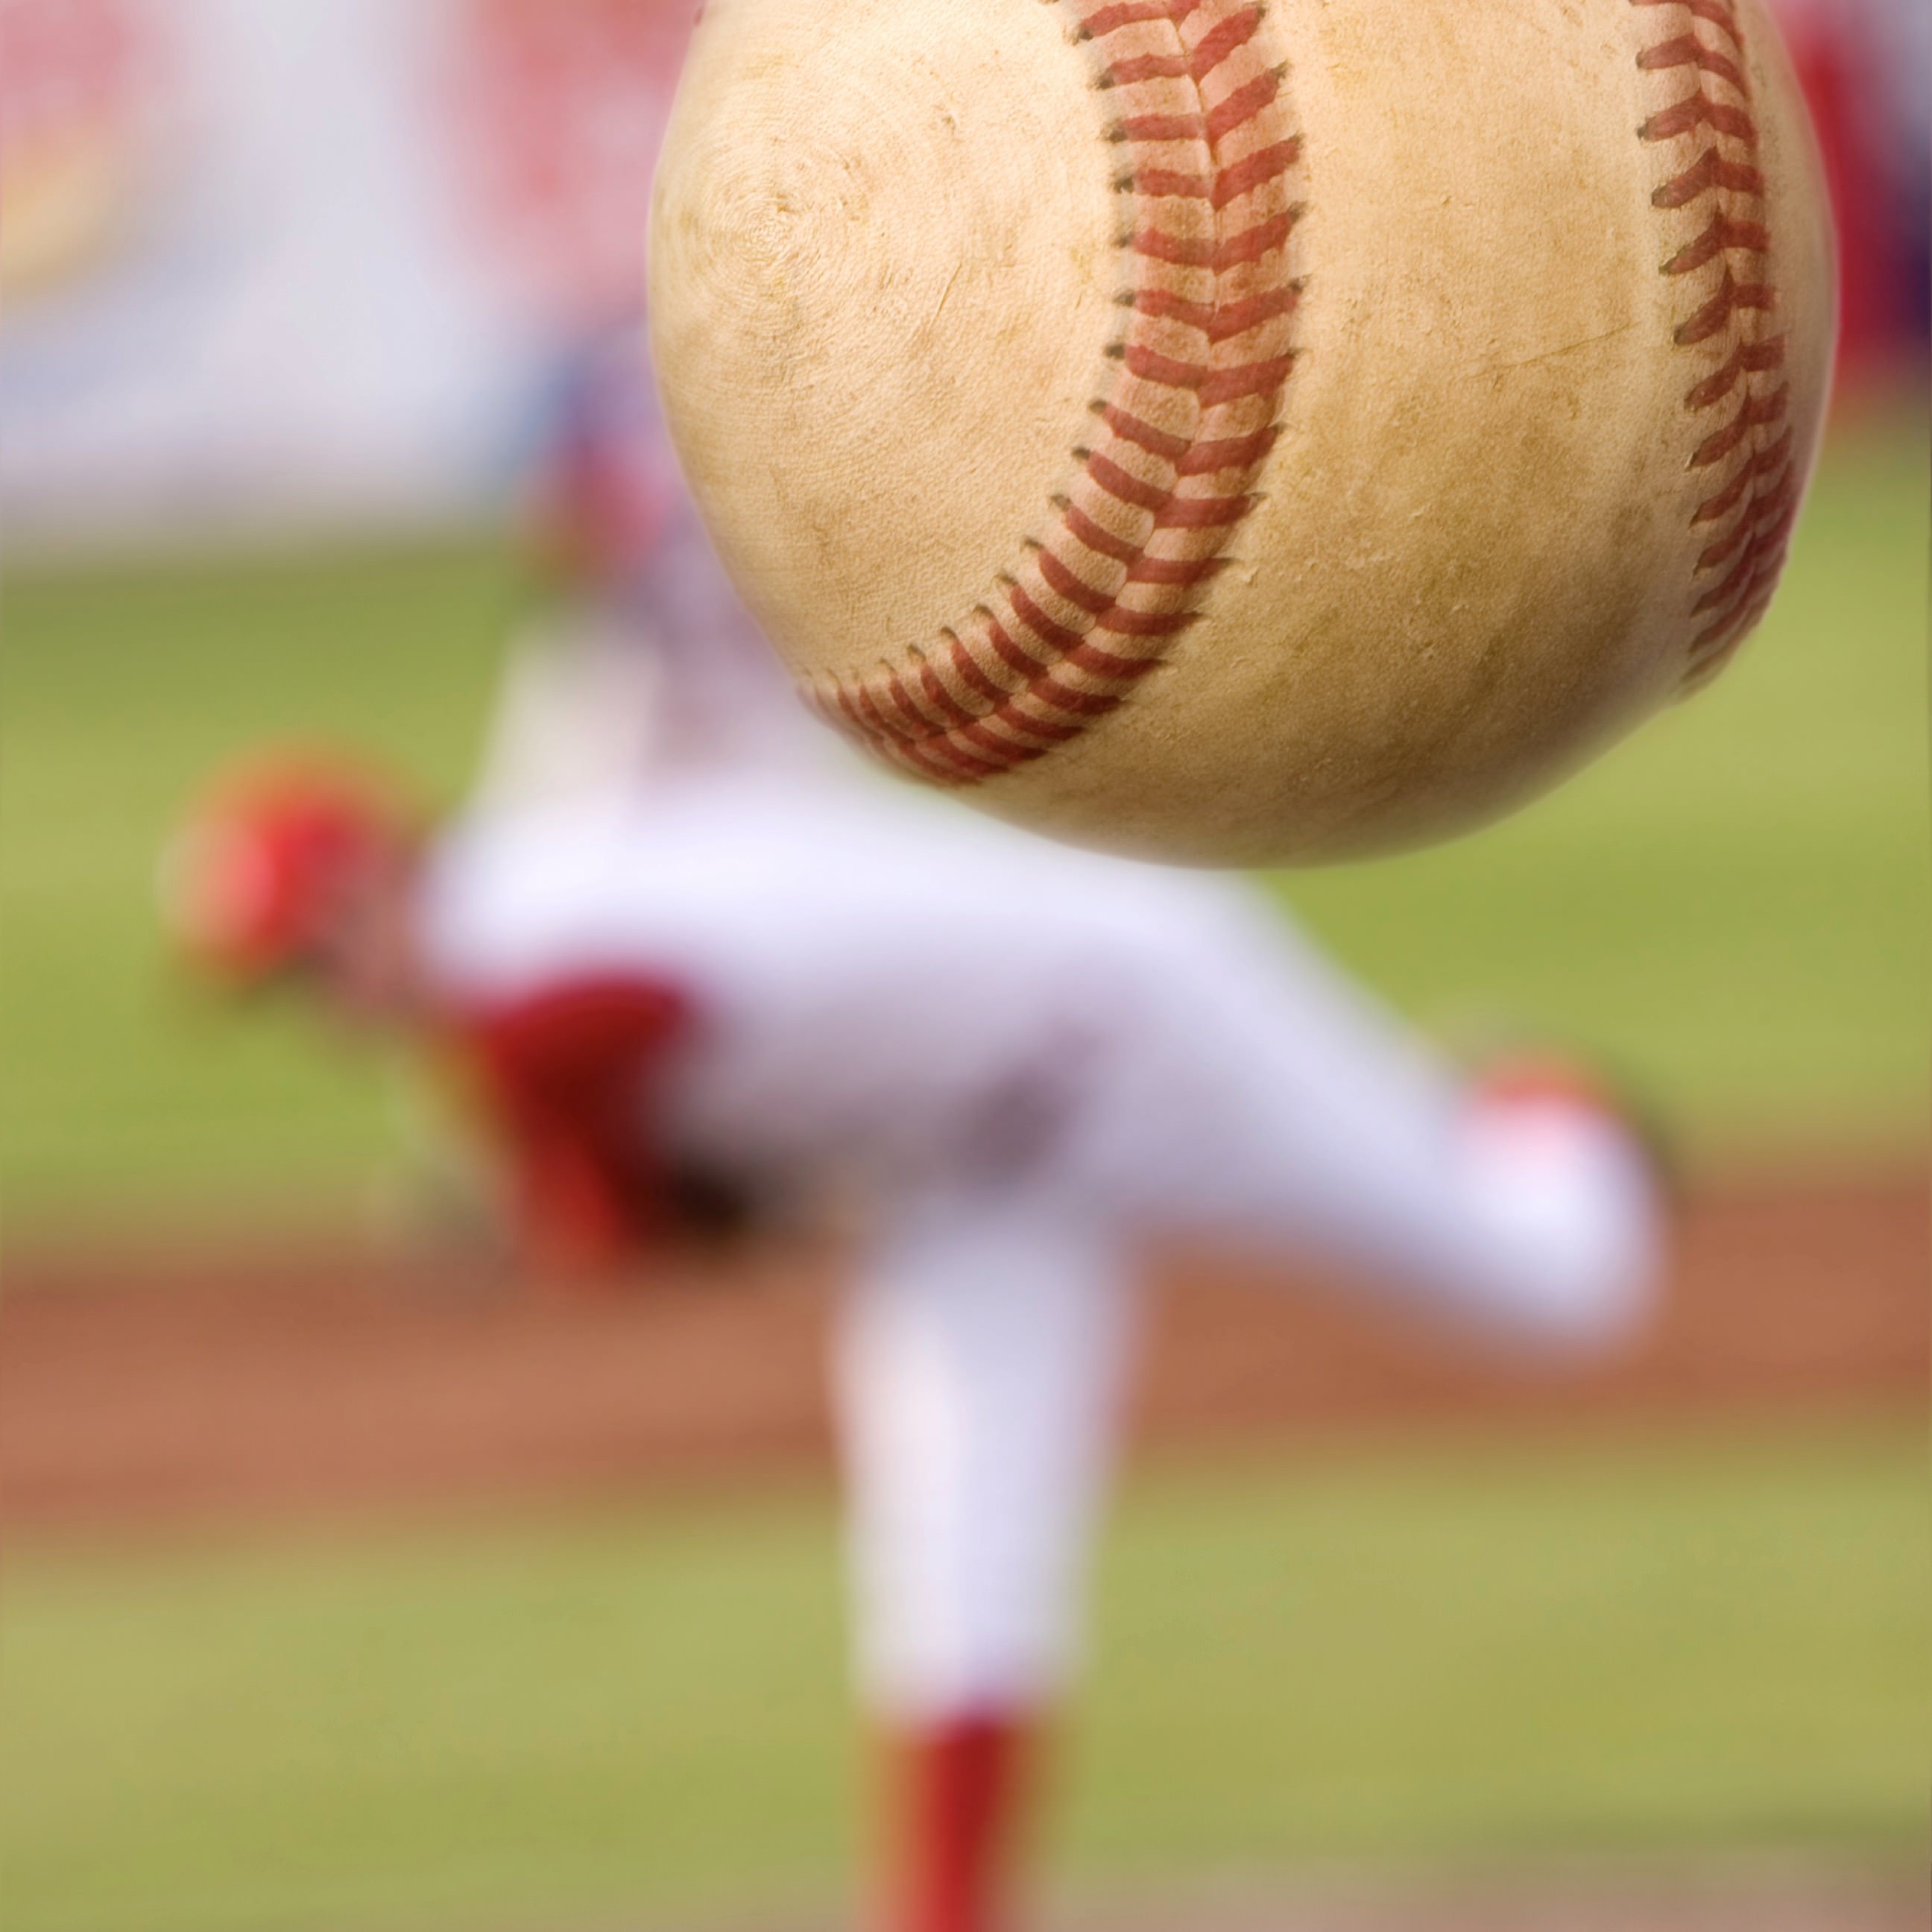 野球ボール Wallpaper Sc Ipad壁紙